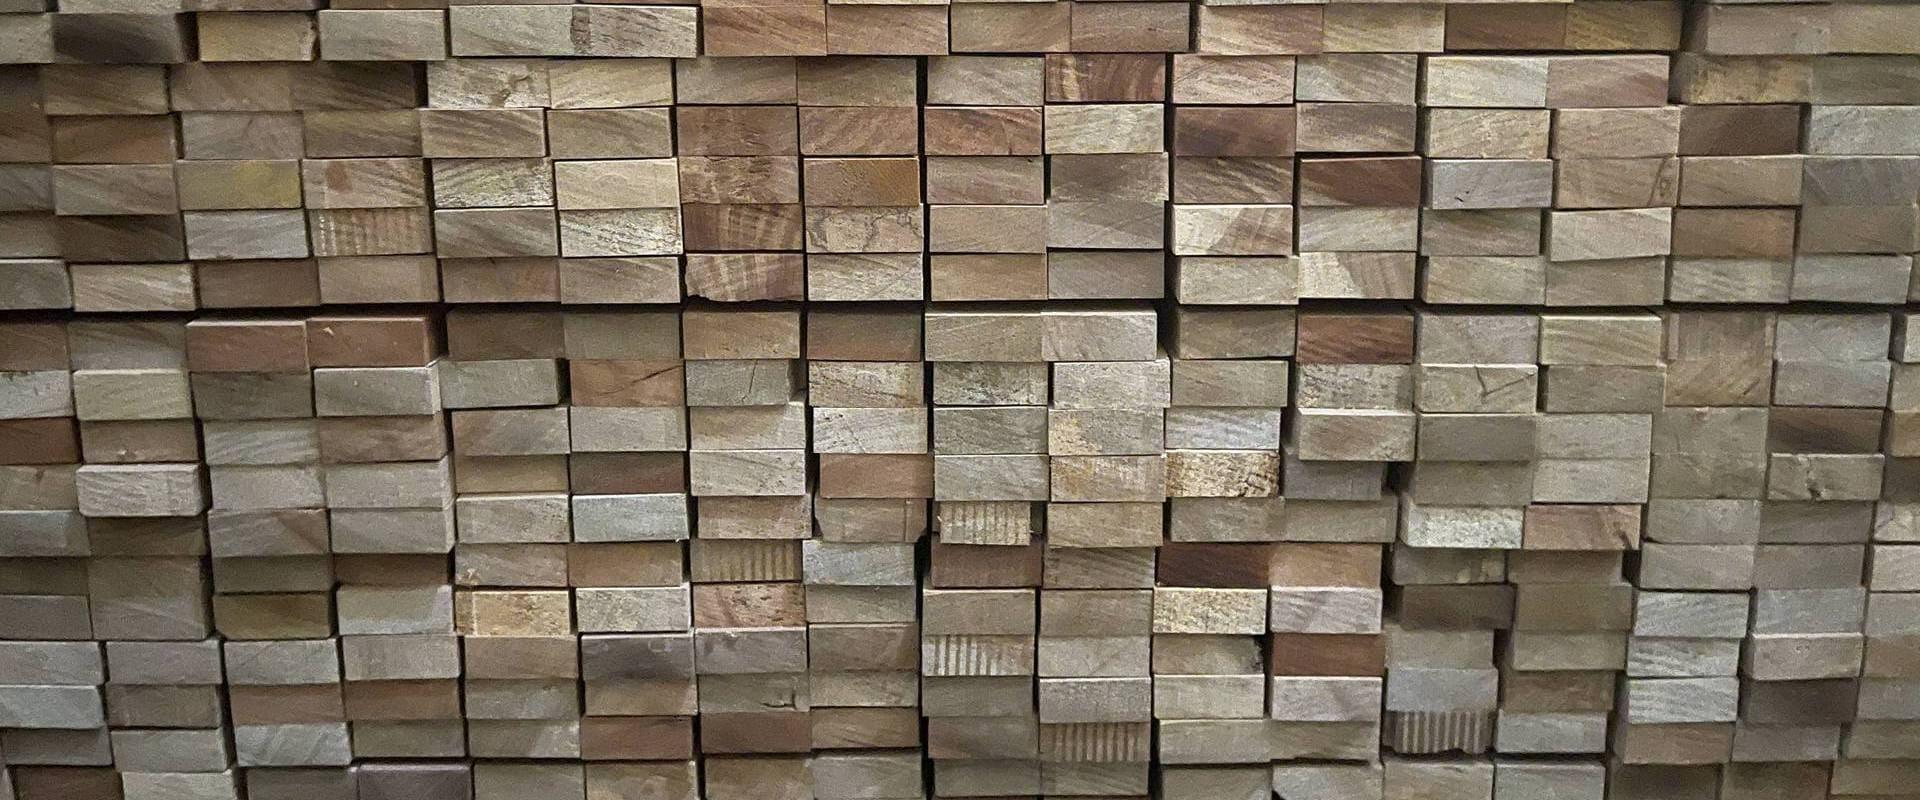 ผลิตภัณฑ์ไม้โครง